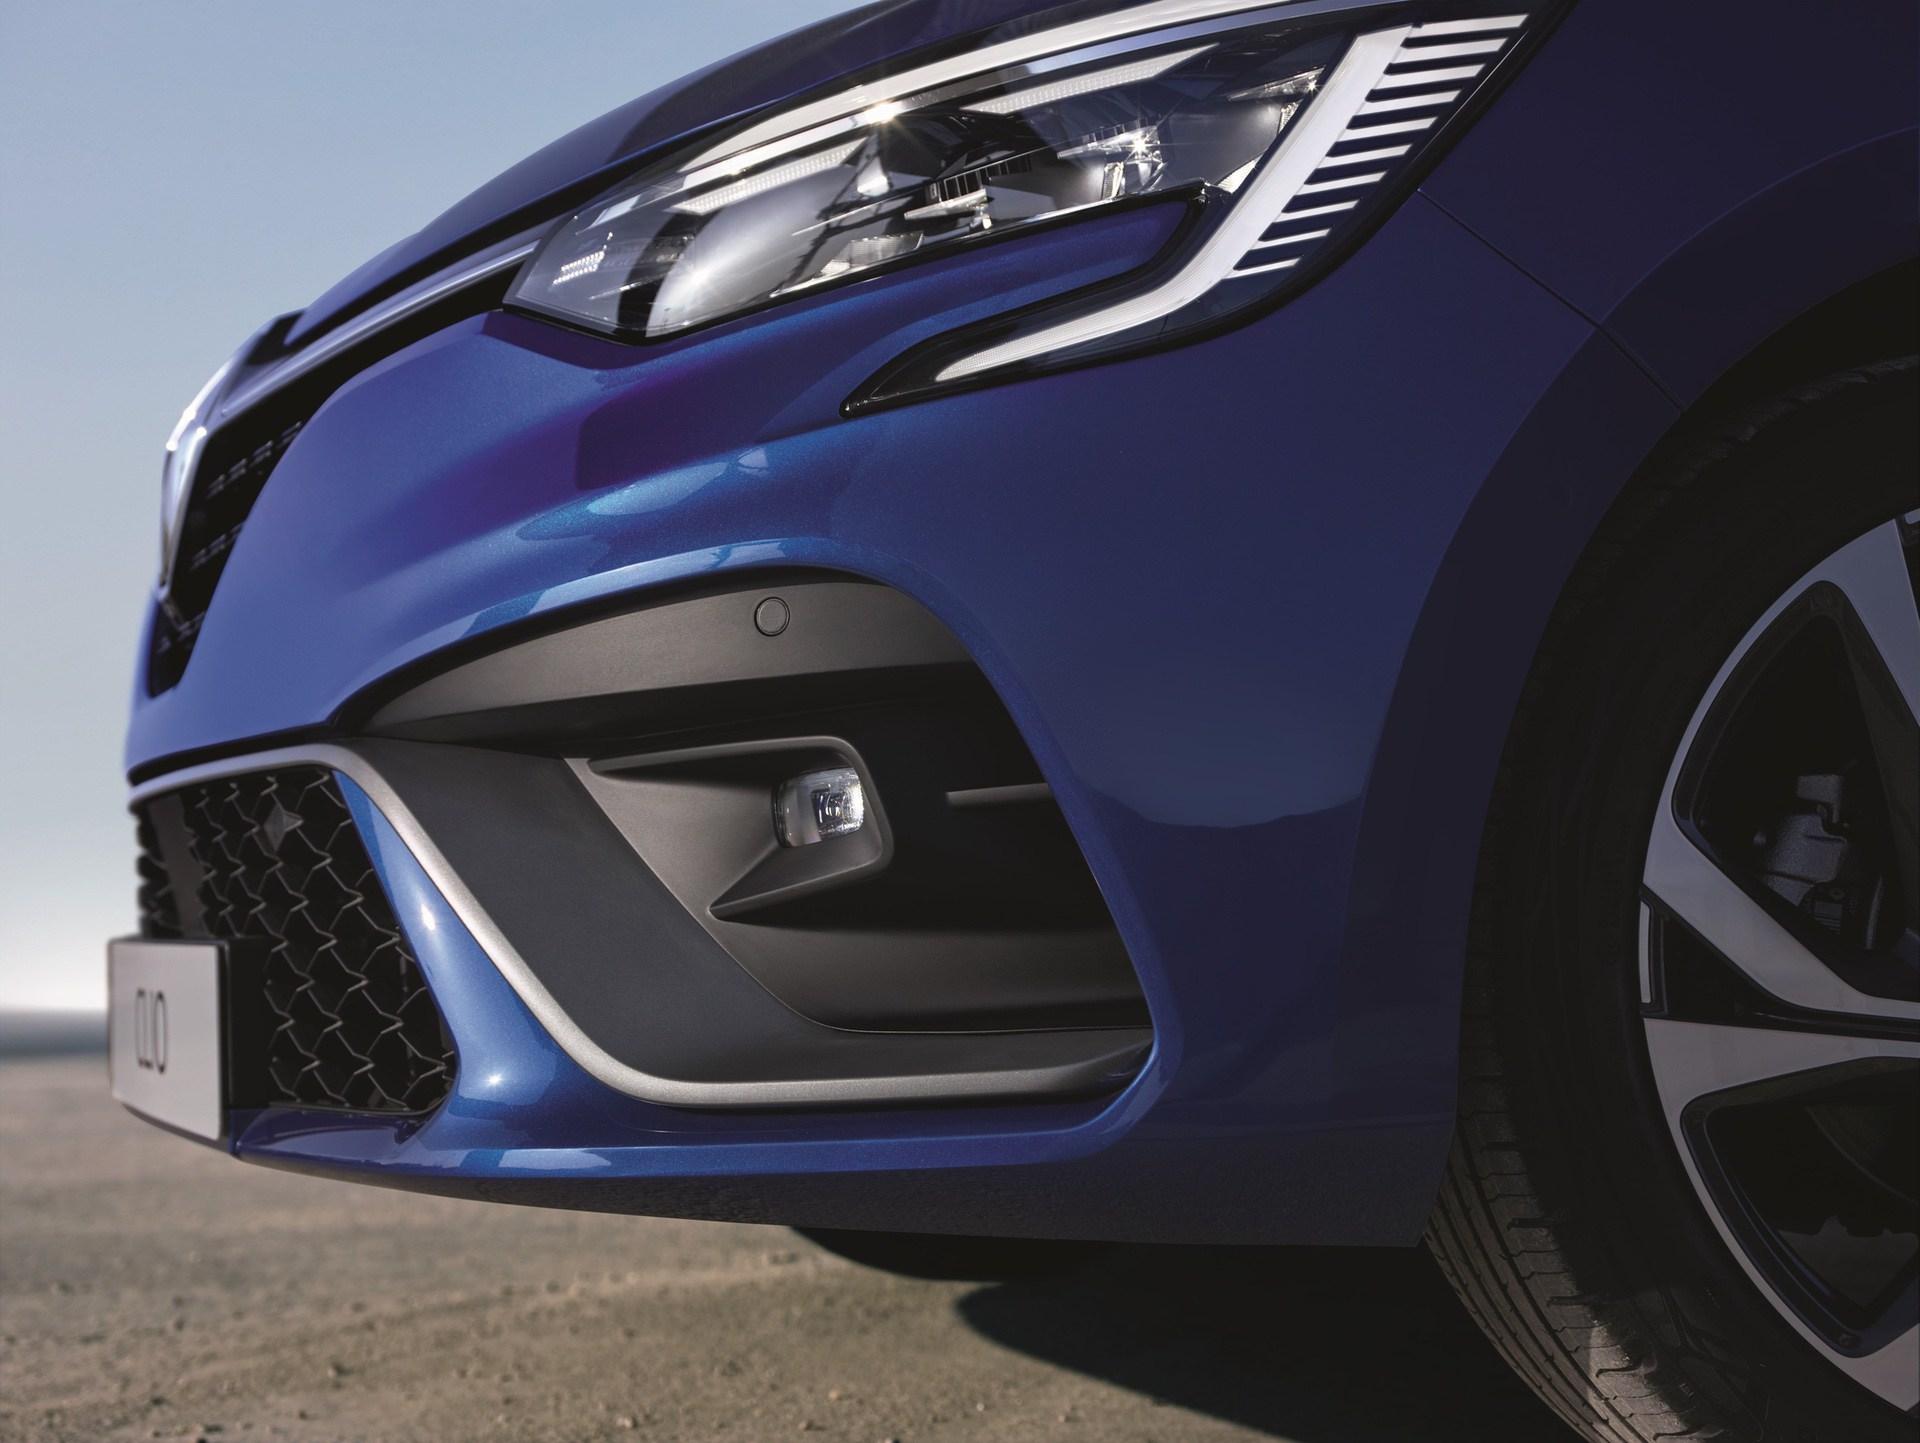 2019 - Nouvelle Renault CLIO R.S. Line